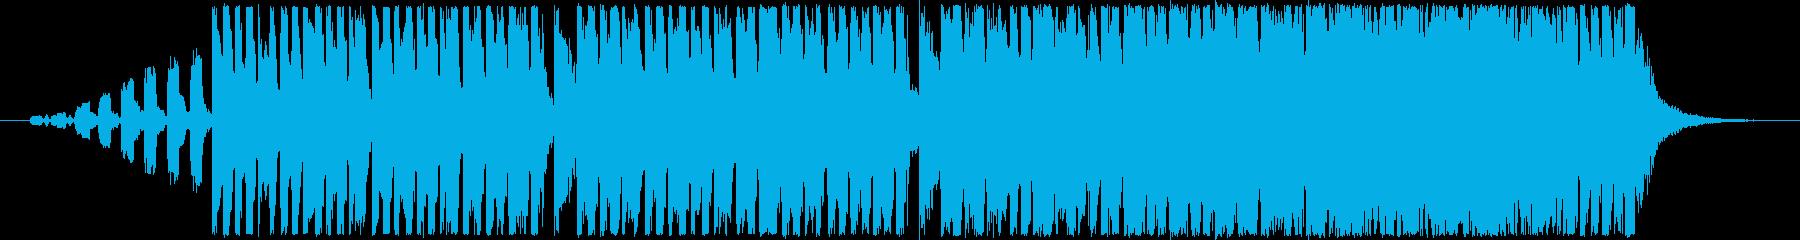 着信アプリ採用曲。コミカルなフレーズの曲の再生済みの波形